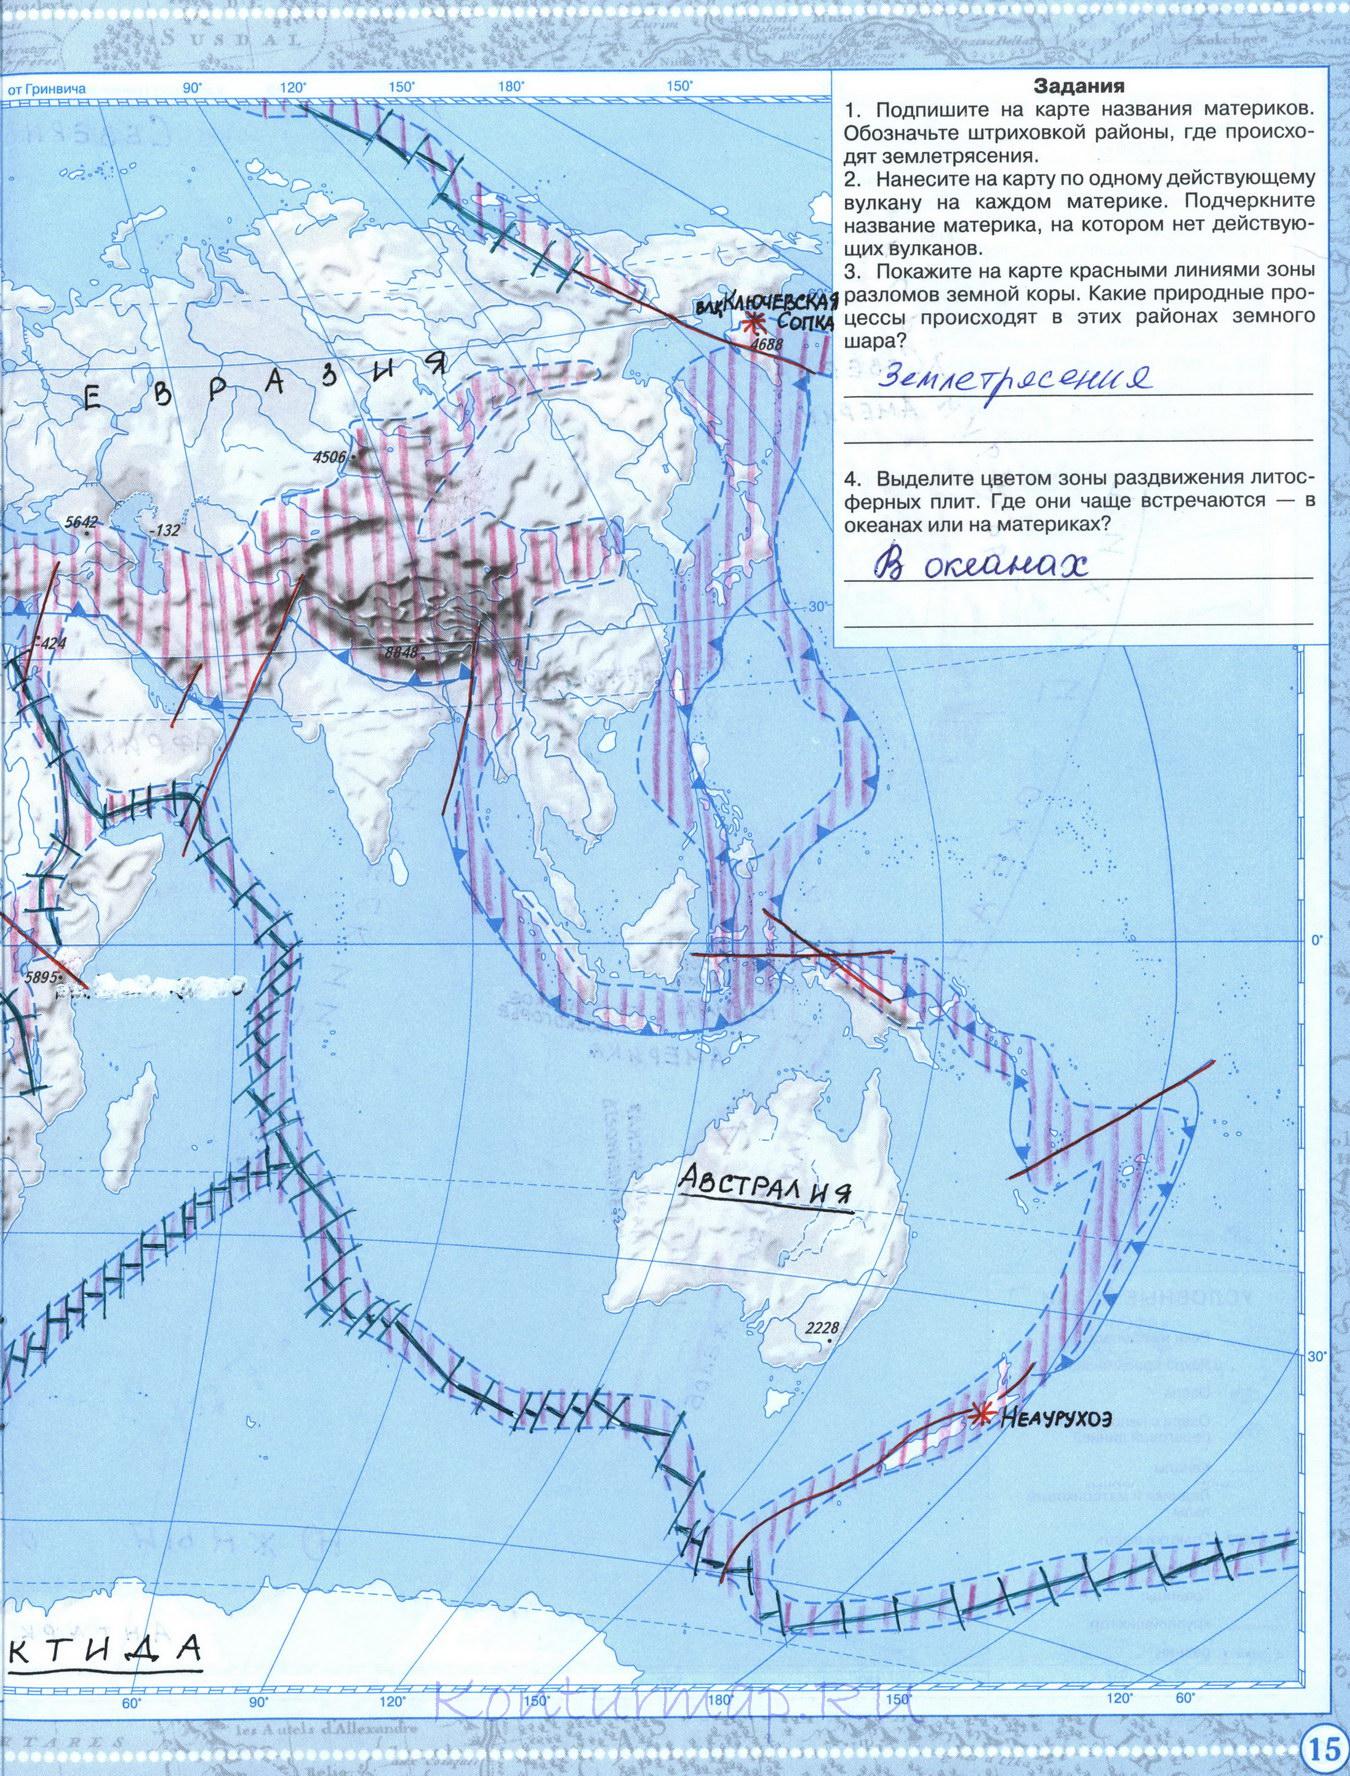 решебник по географии 5 класс контурная карта румянцев дрофа